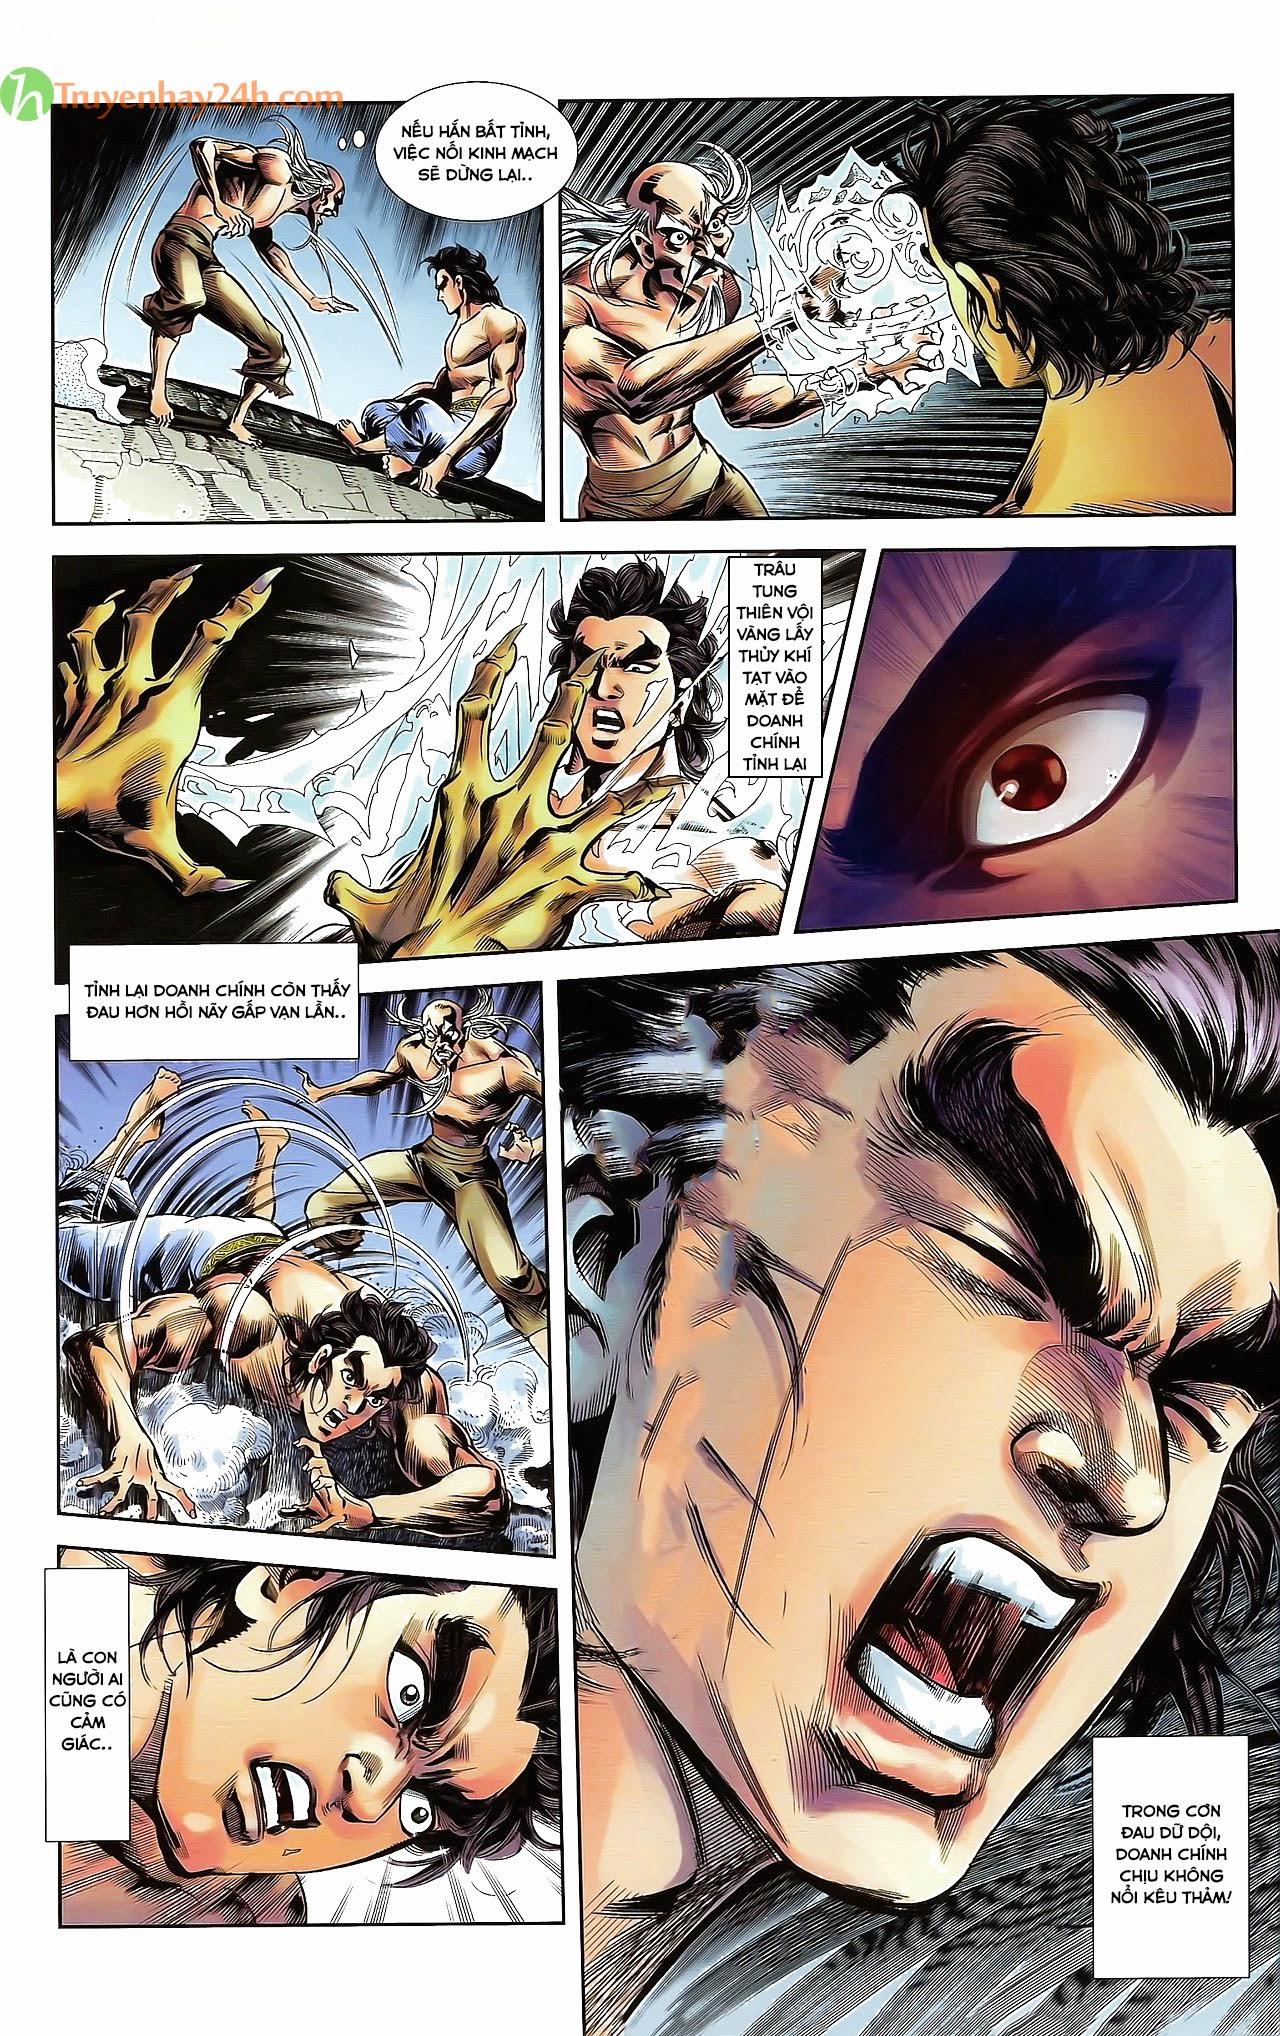 Tần Vương Doanh Chính chapter 30 trang 19